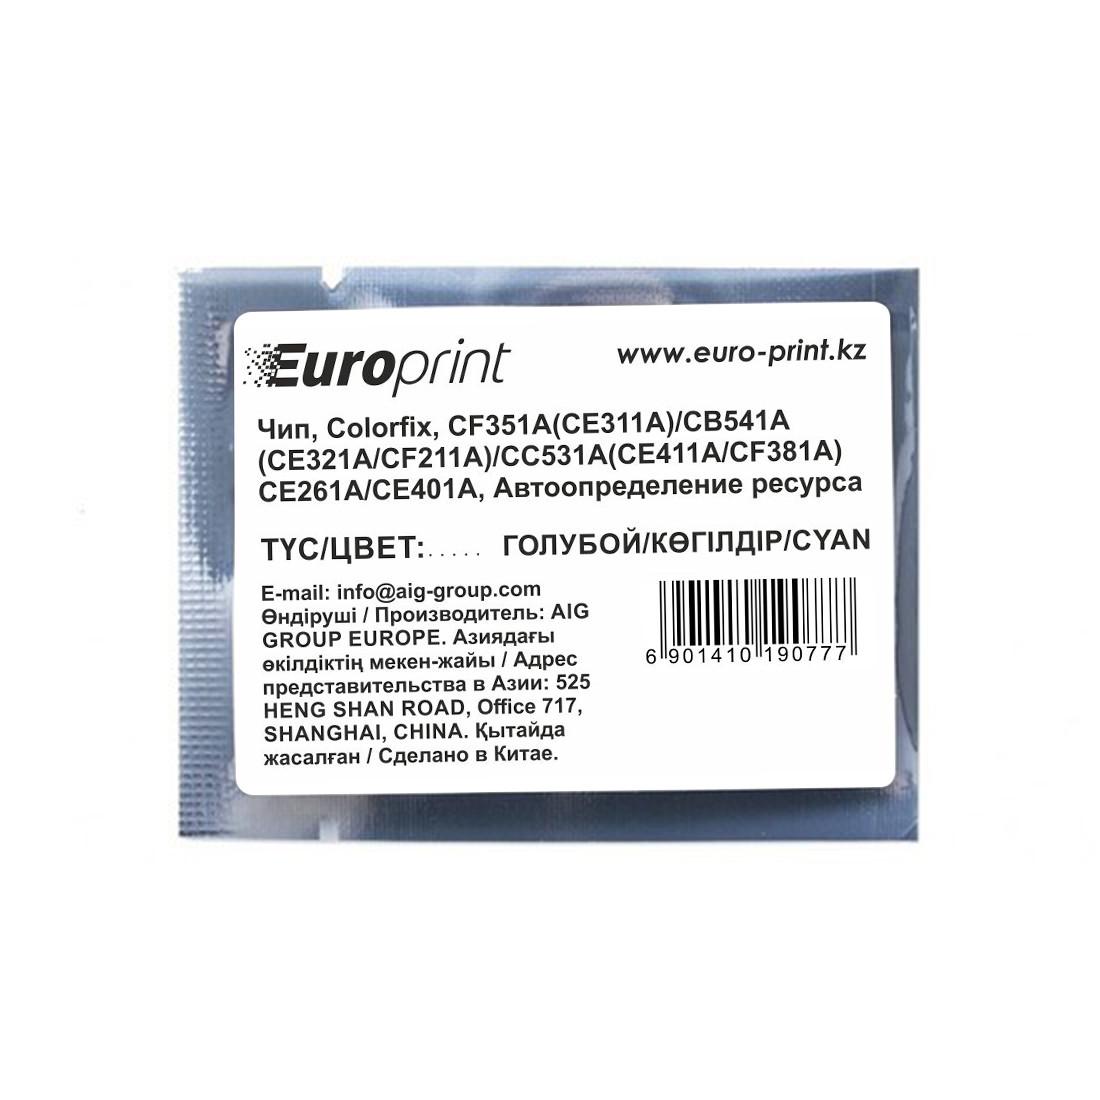 Чип Europrint HP CF351A(CE311A)/CB541A(CE321A/CF211A)/CC531A(CE411A/CF381A)/CE261A/CE401A